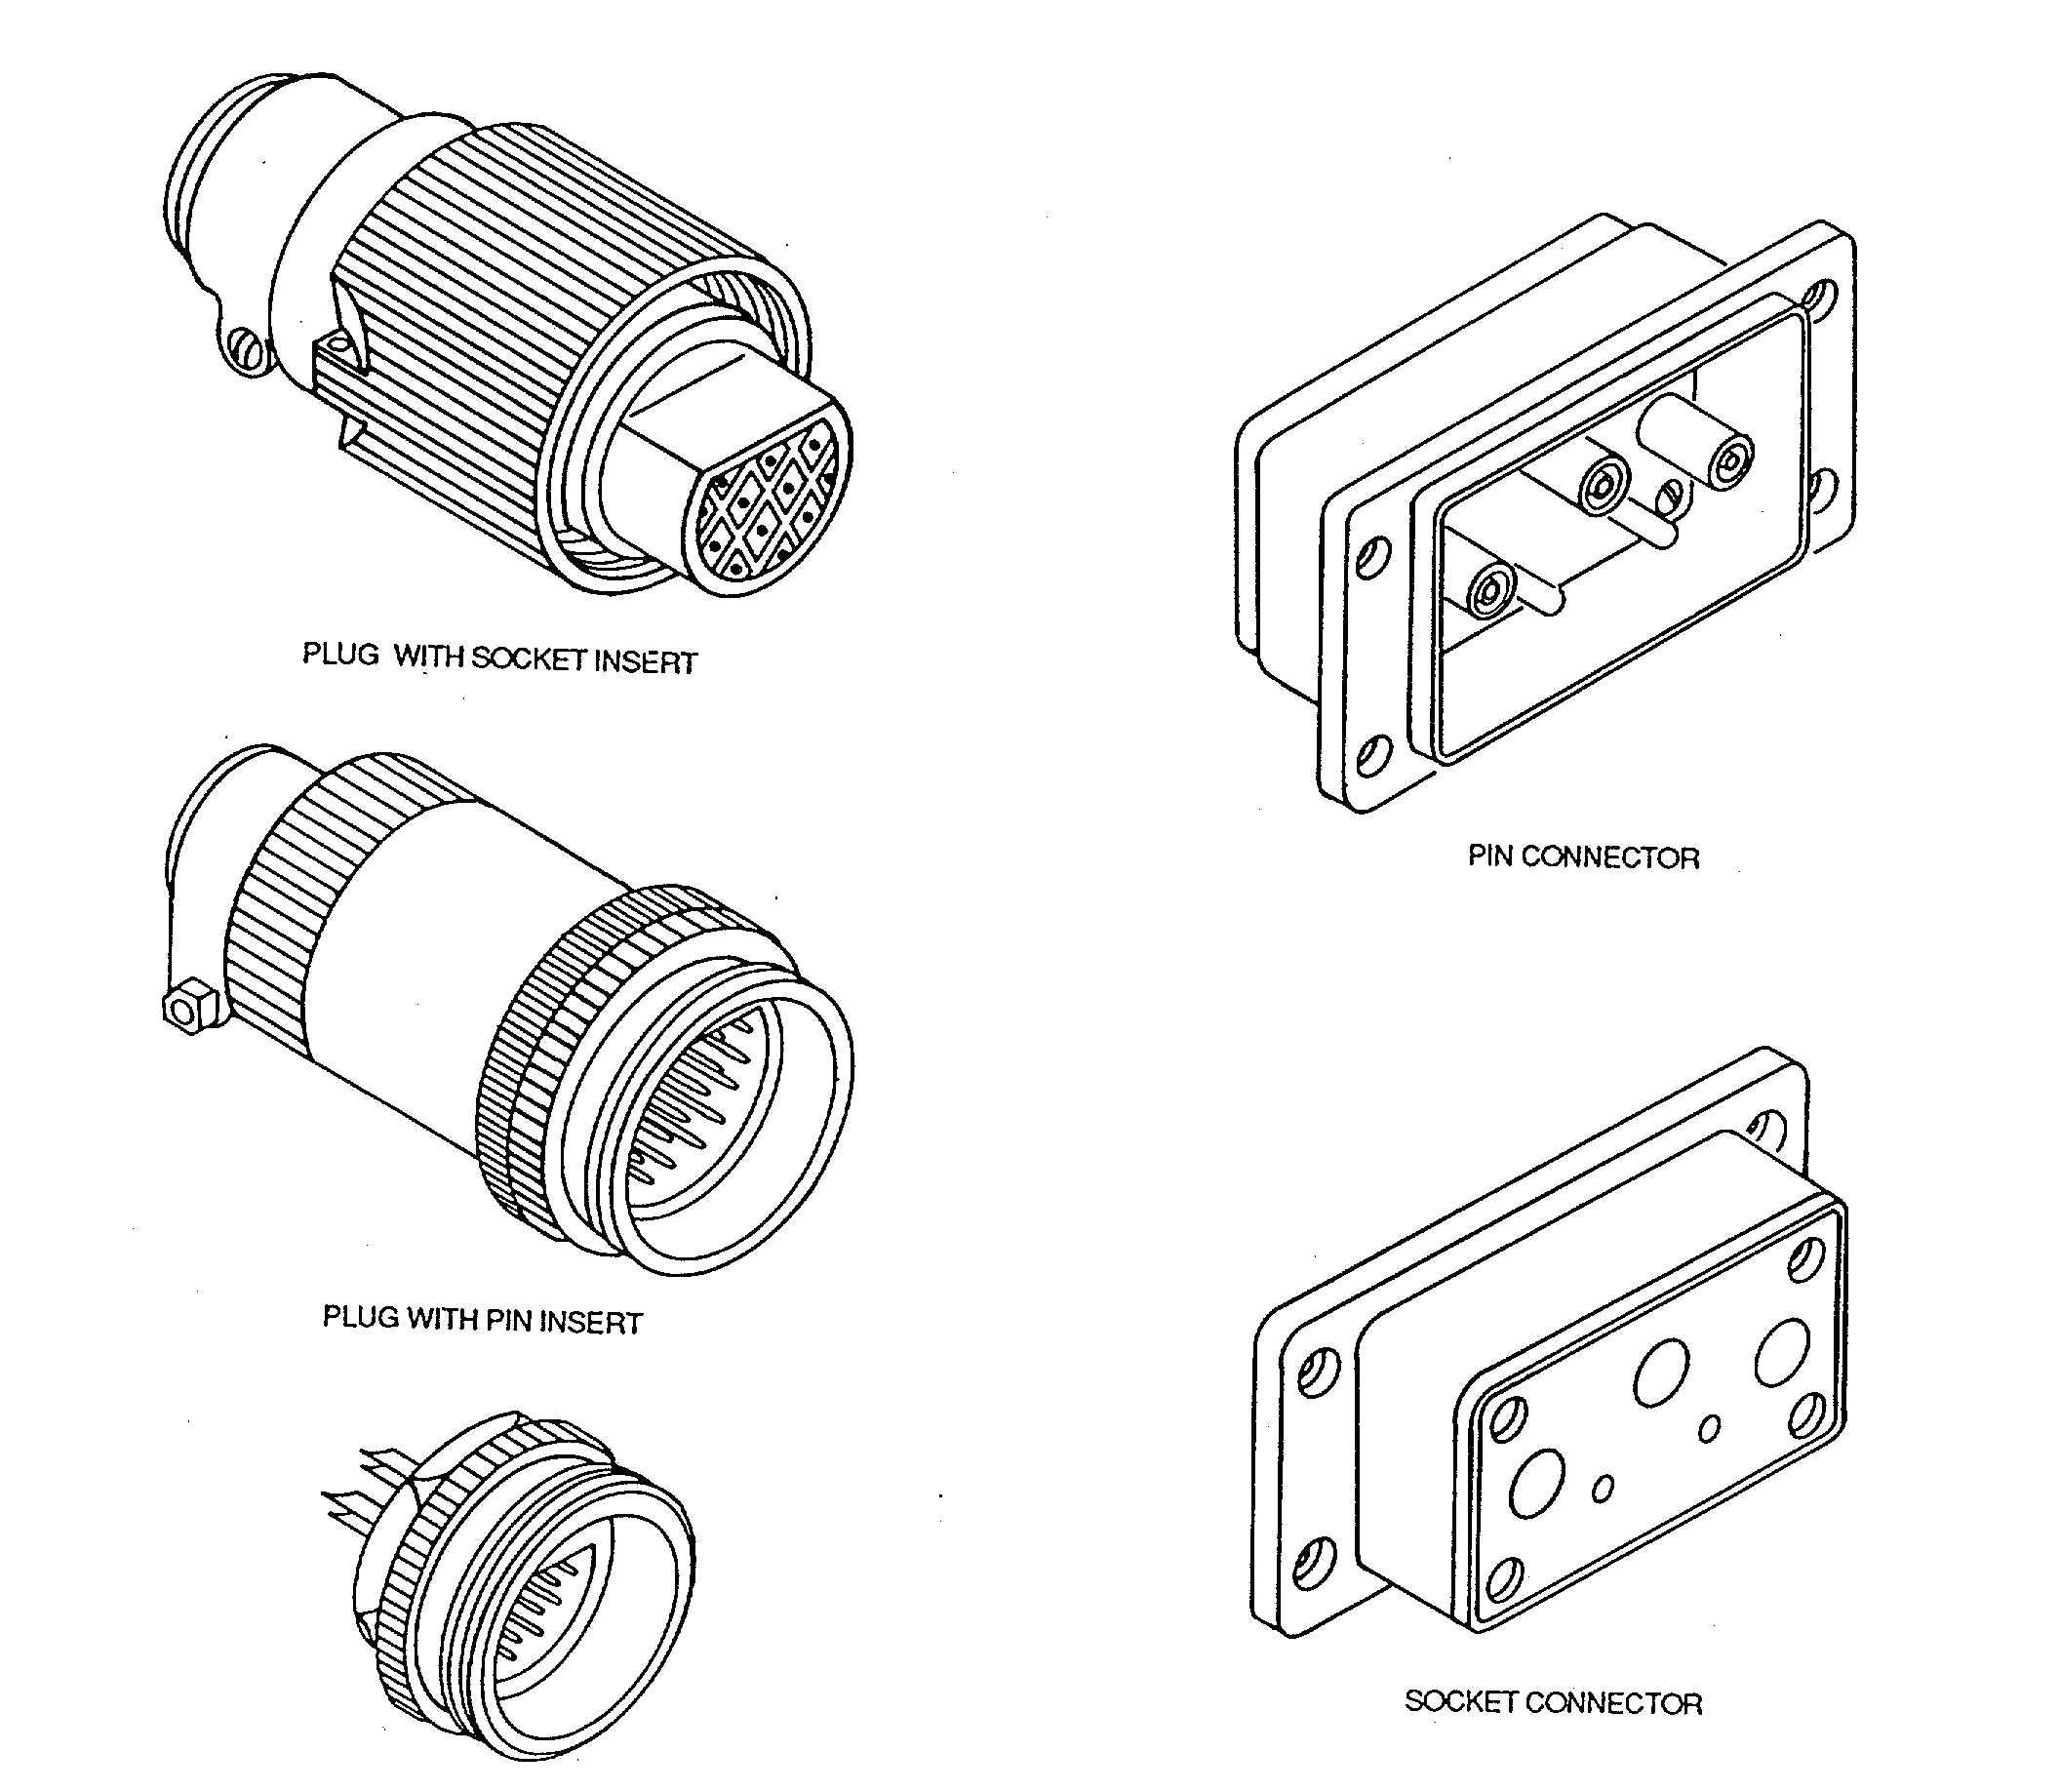 Figure 3 5 Subminiature Connectors